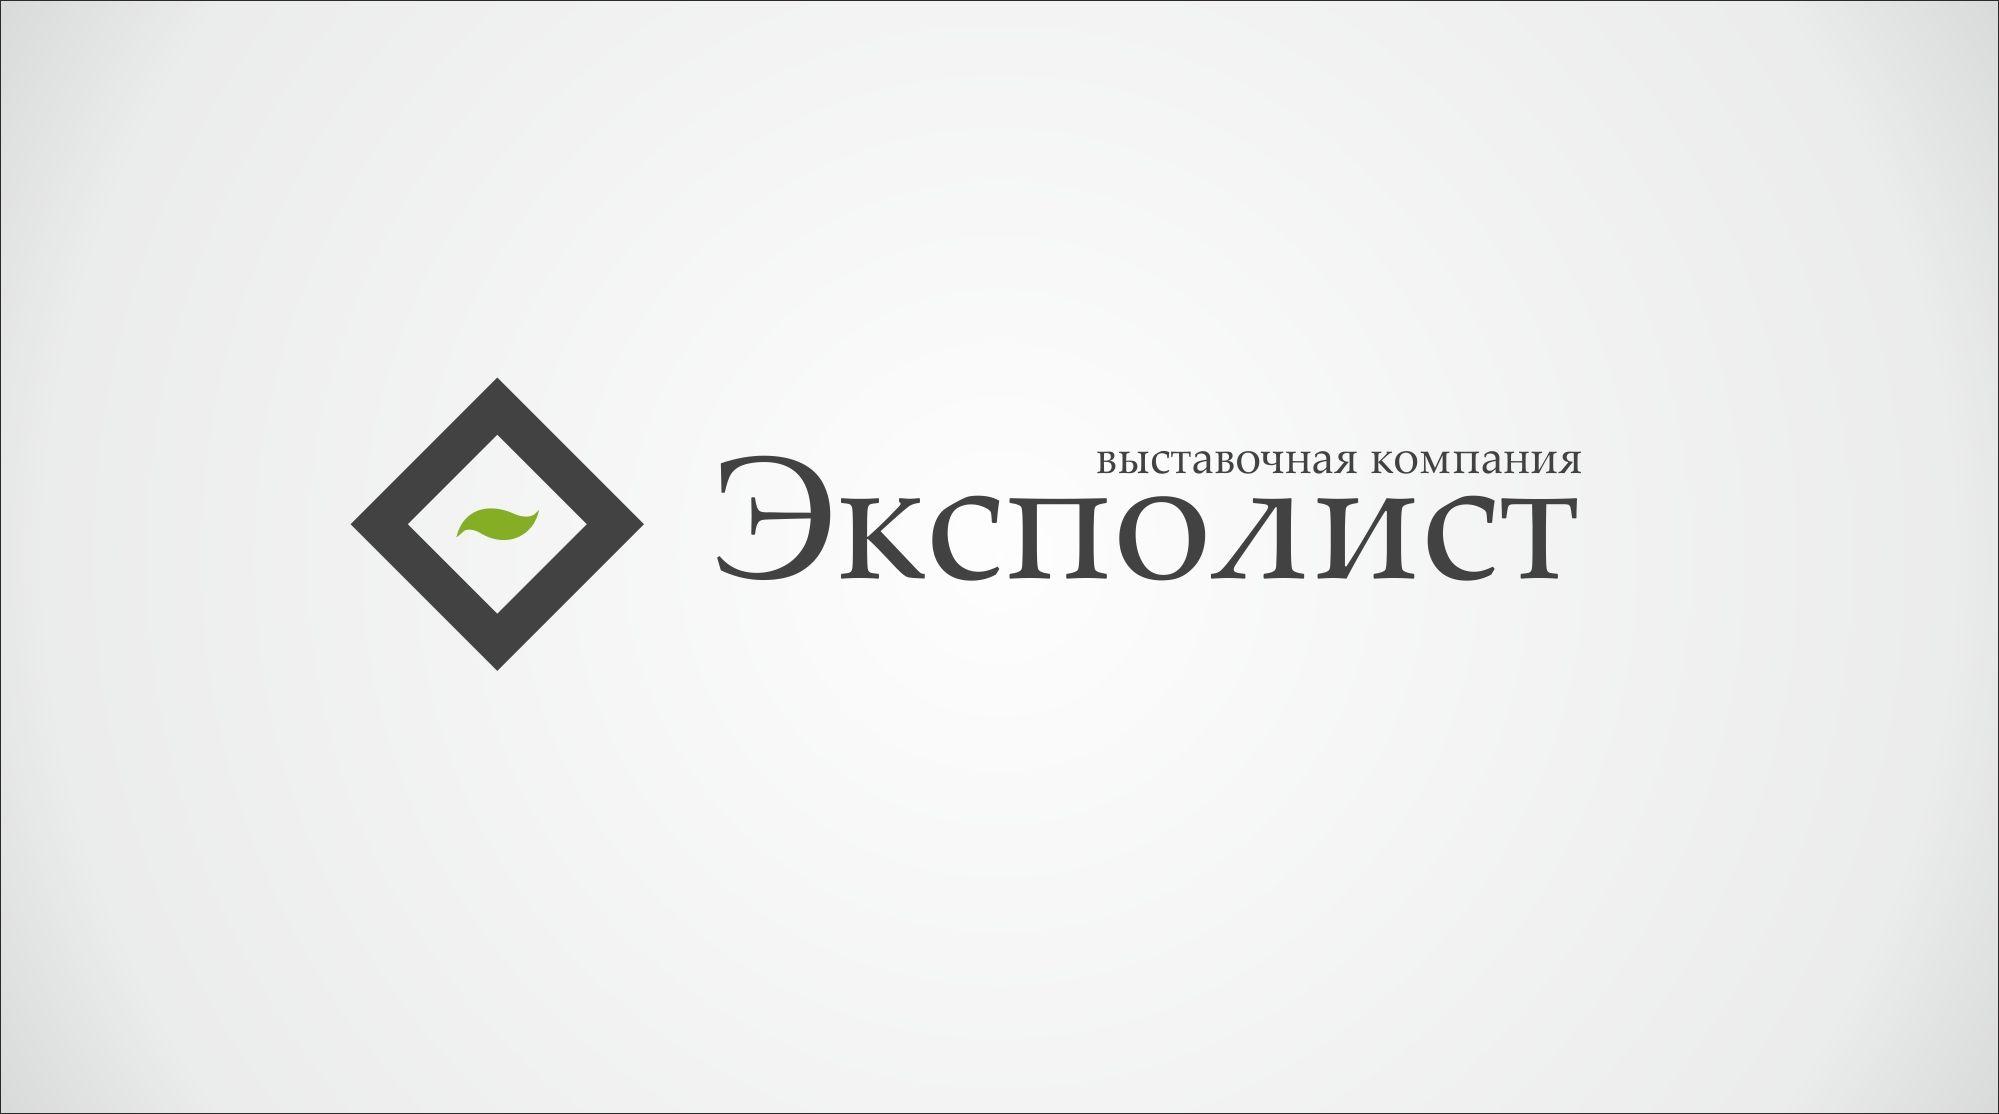 Логотип выставочной компании Эксполист - дизайнер infernal0099